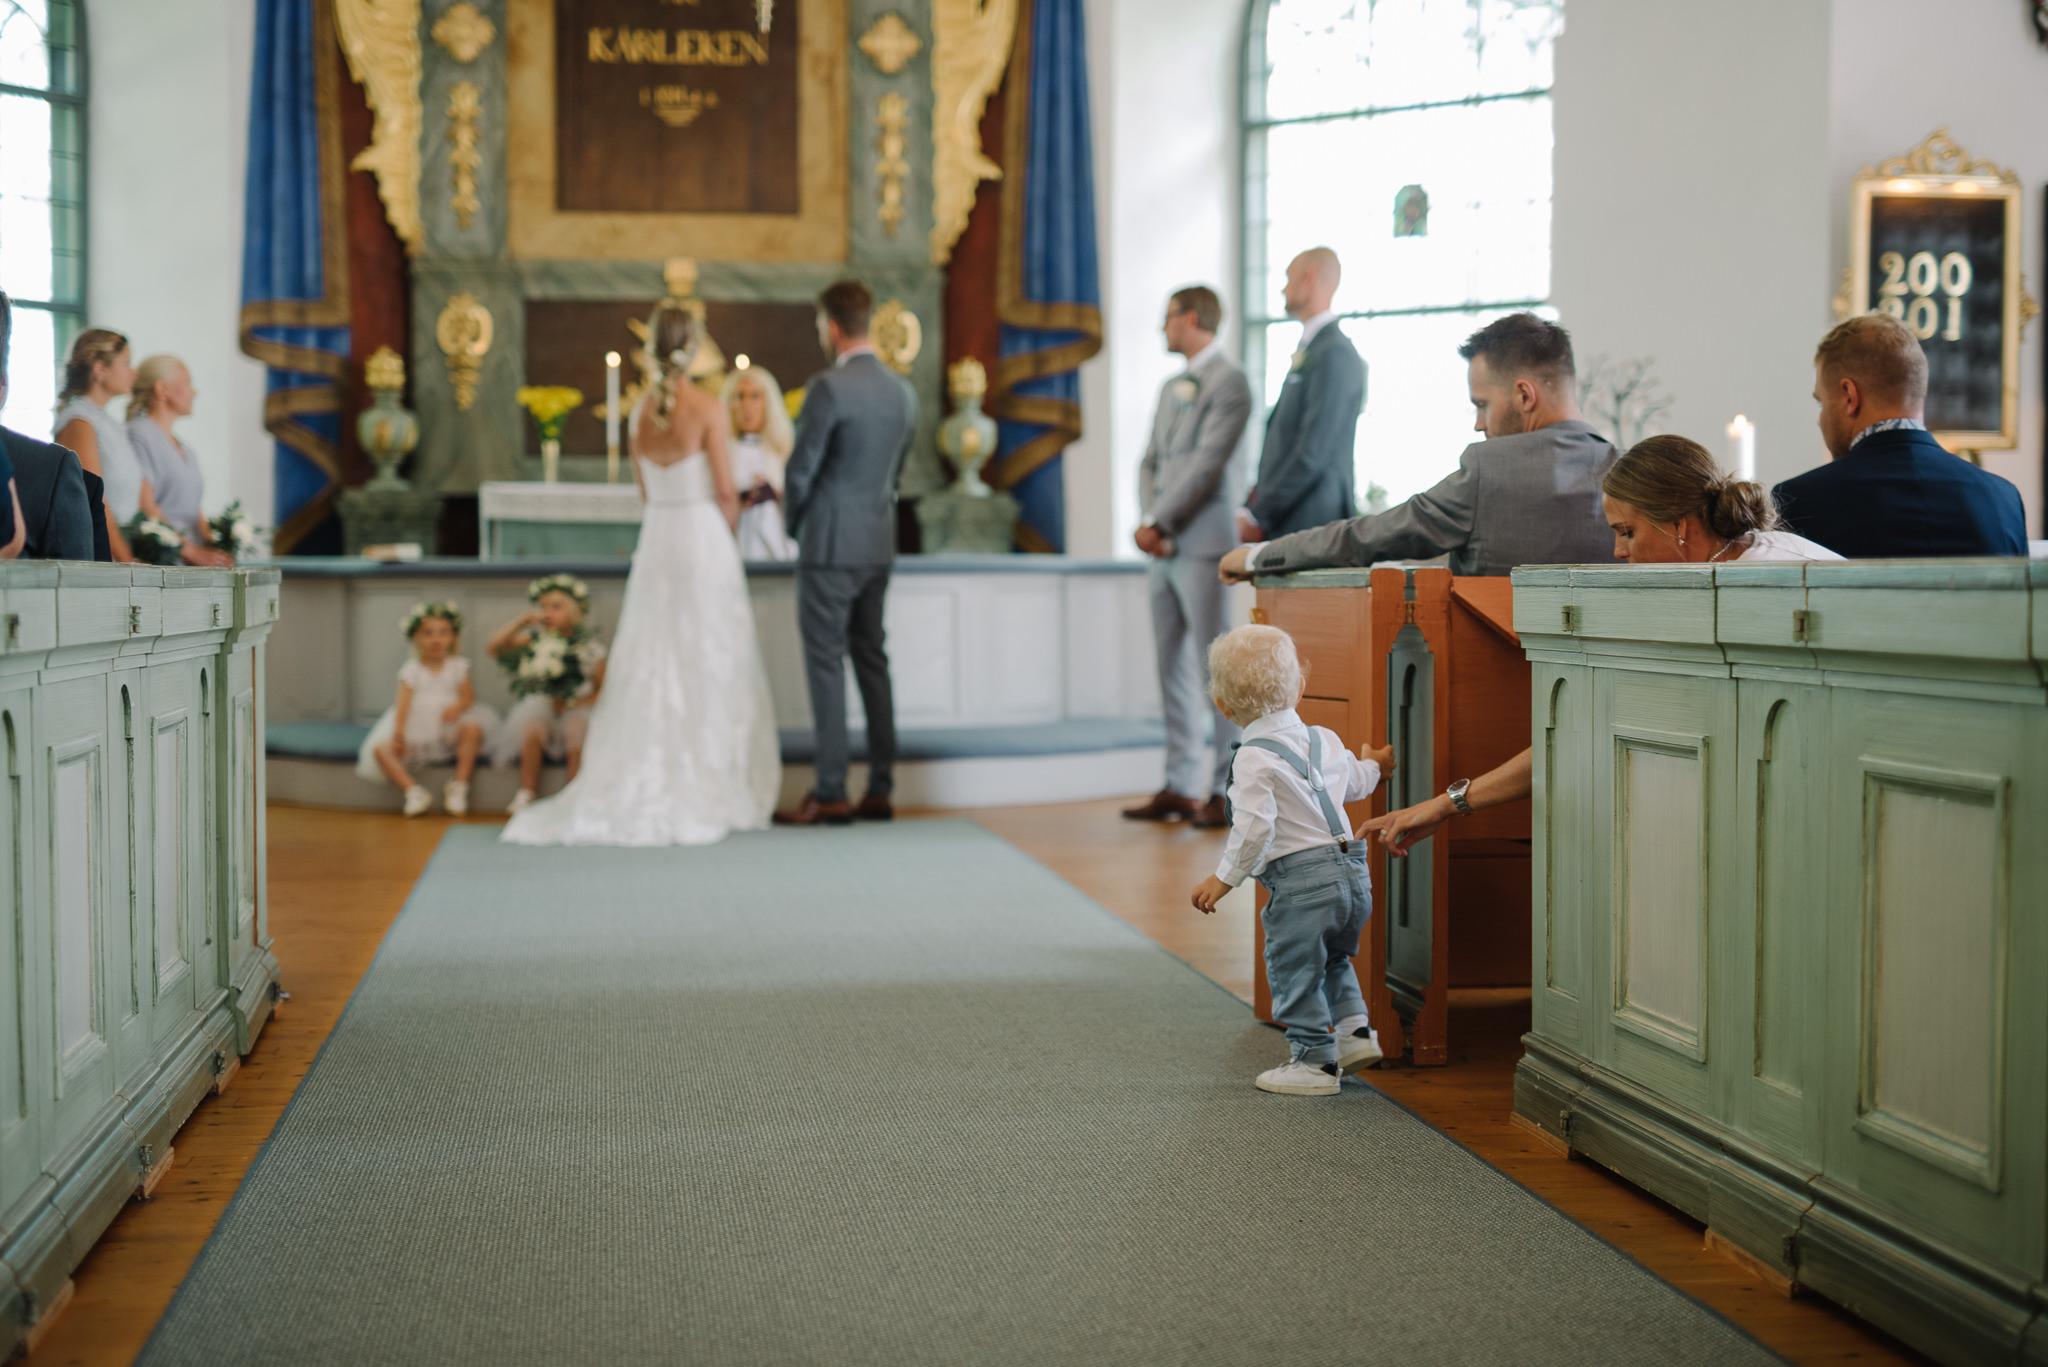 Bröllop i Köping